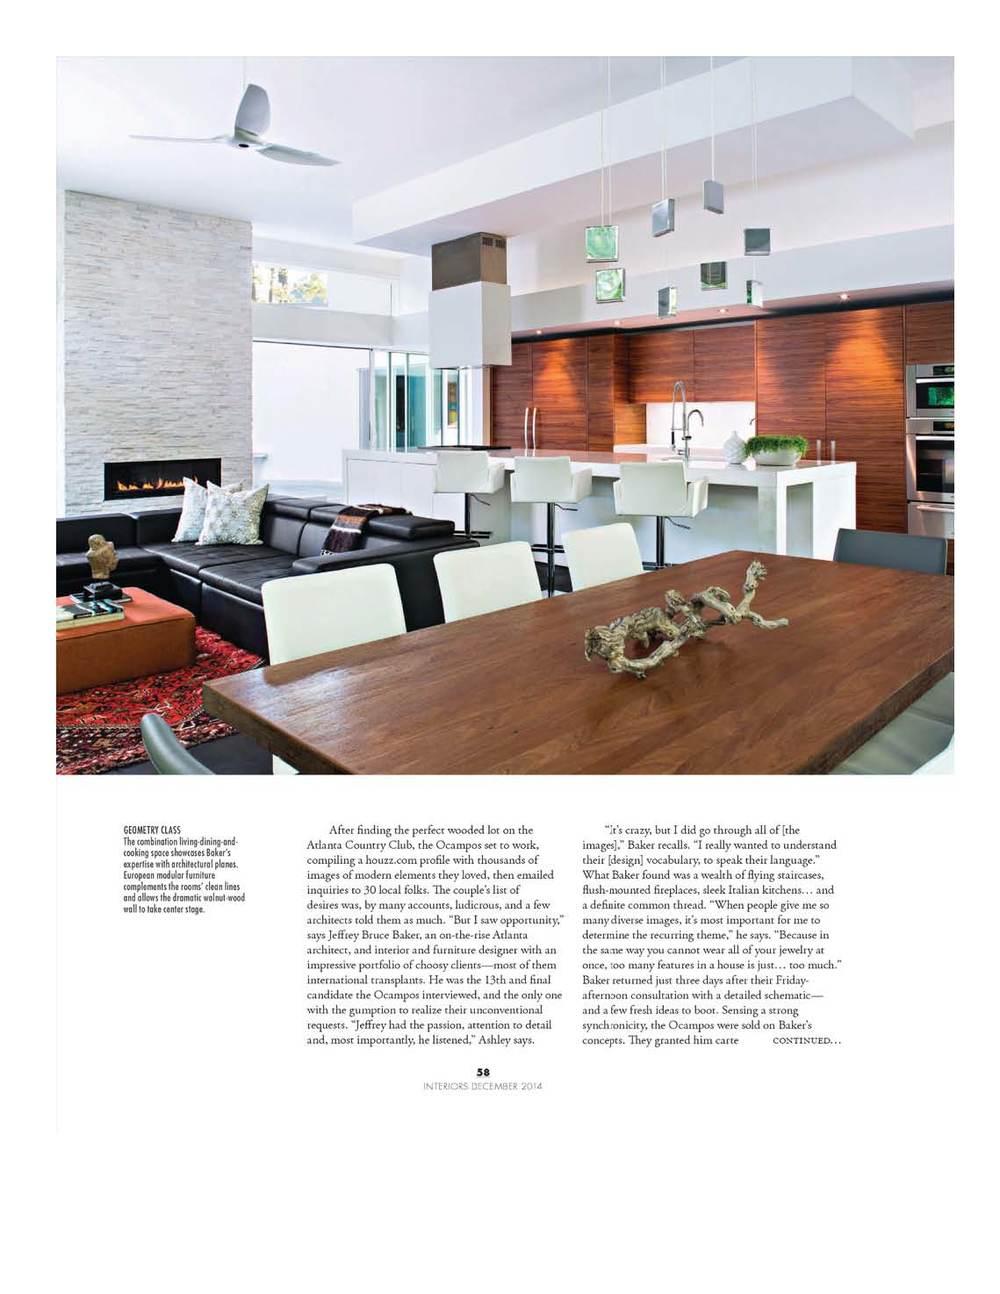 The-Atlantan _ Modern Luxury-Jeffrey-Bruce-Baker04.jpg